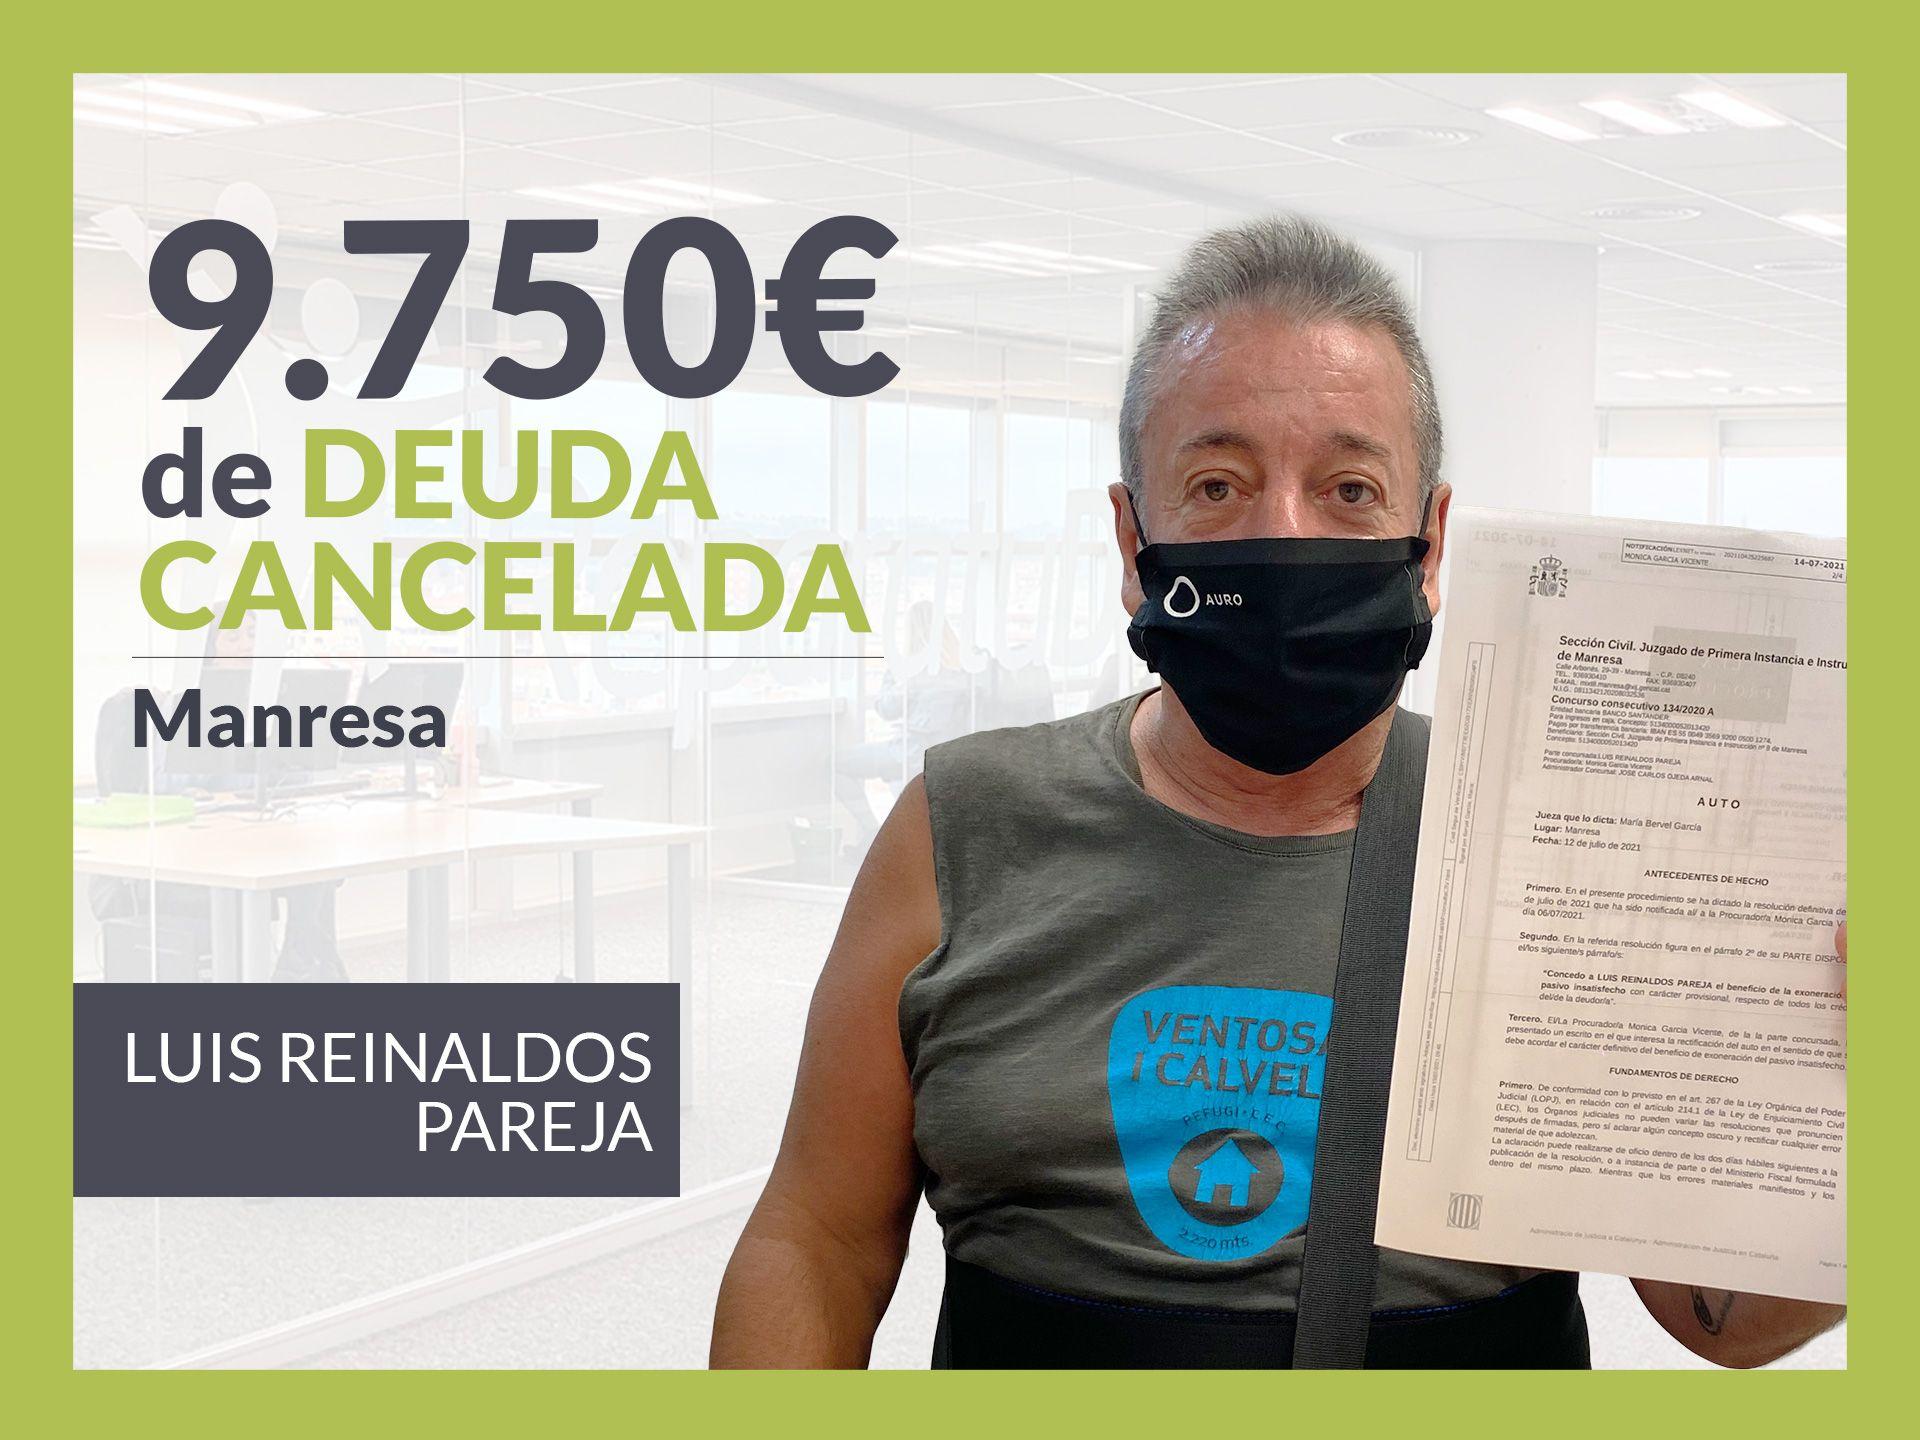 Foto de Luis Reinaldos Pareja, exonerado con Repara Tu Deuda con la